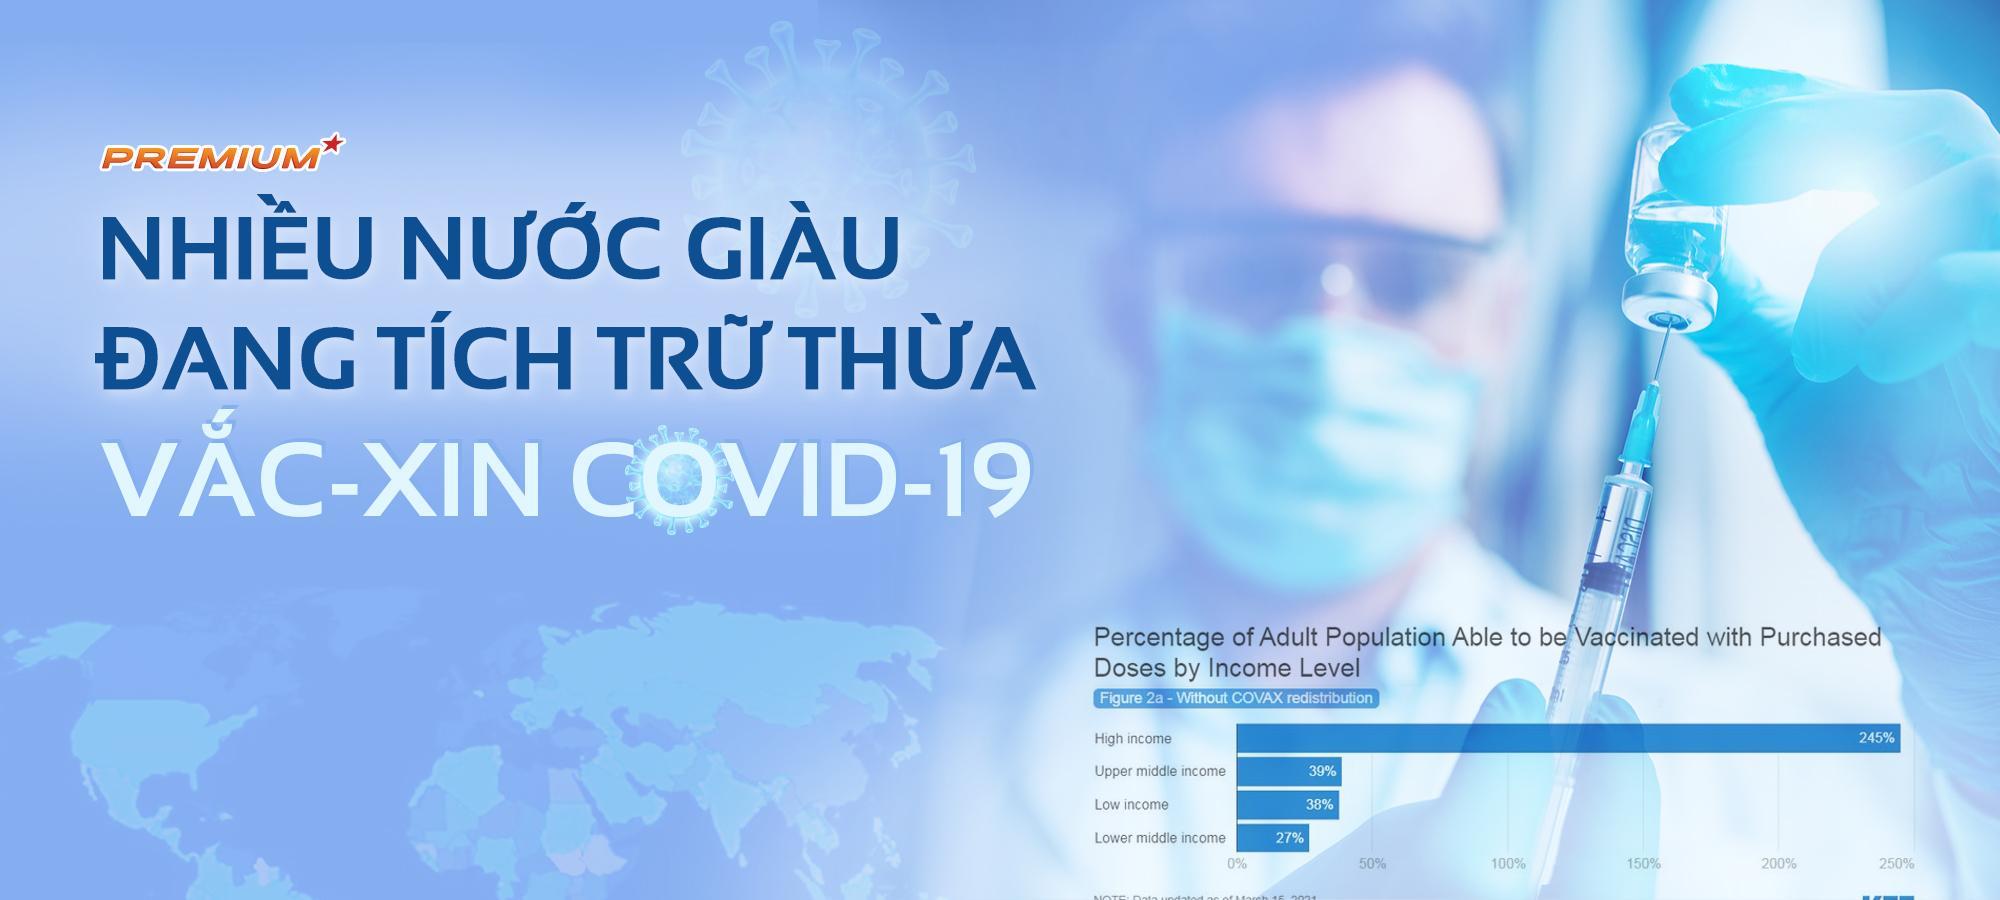 Nhiều nước giàu đang tích trữ thừa vắc-xin Covid-19